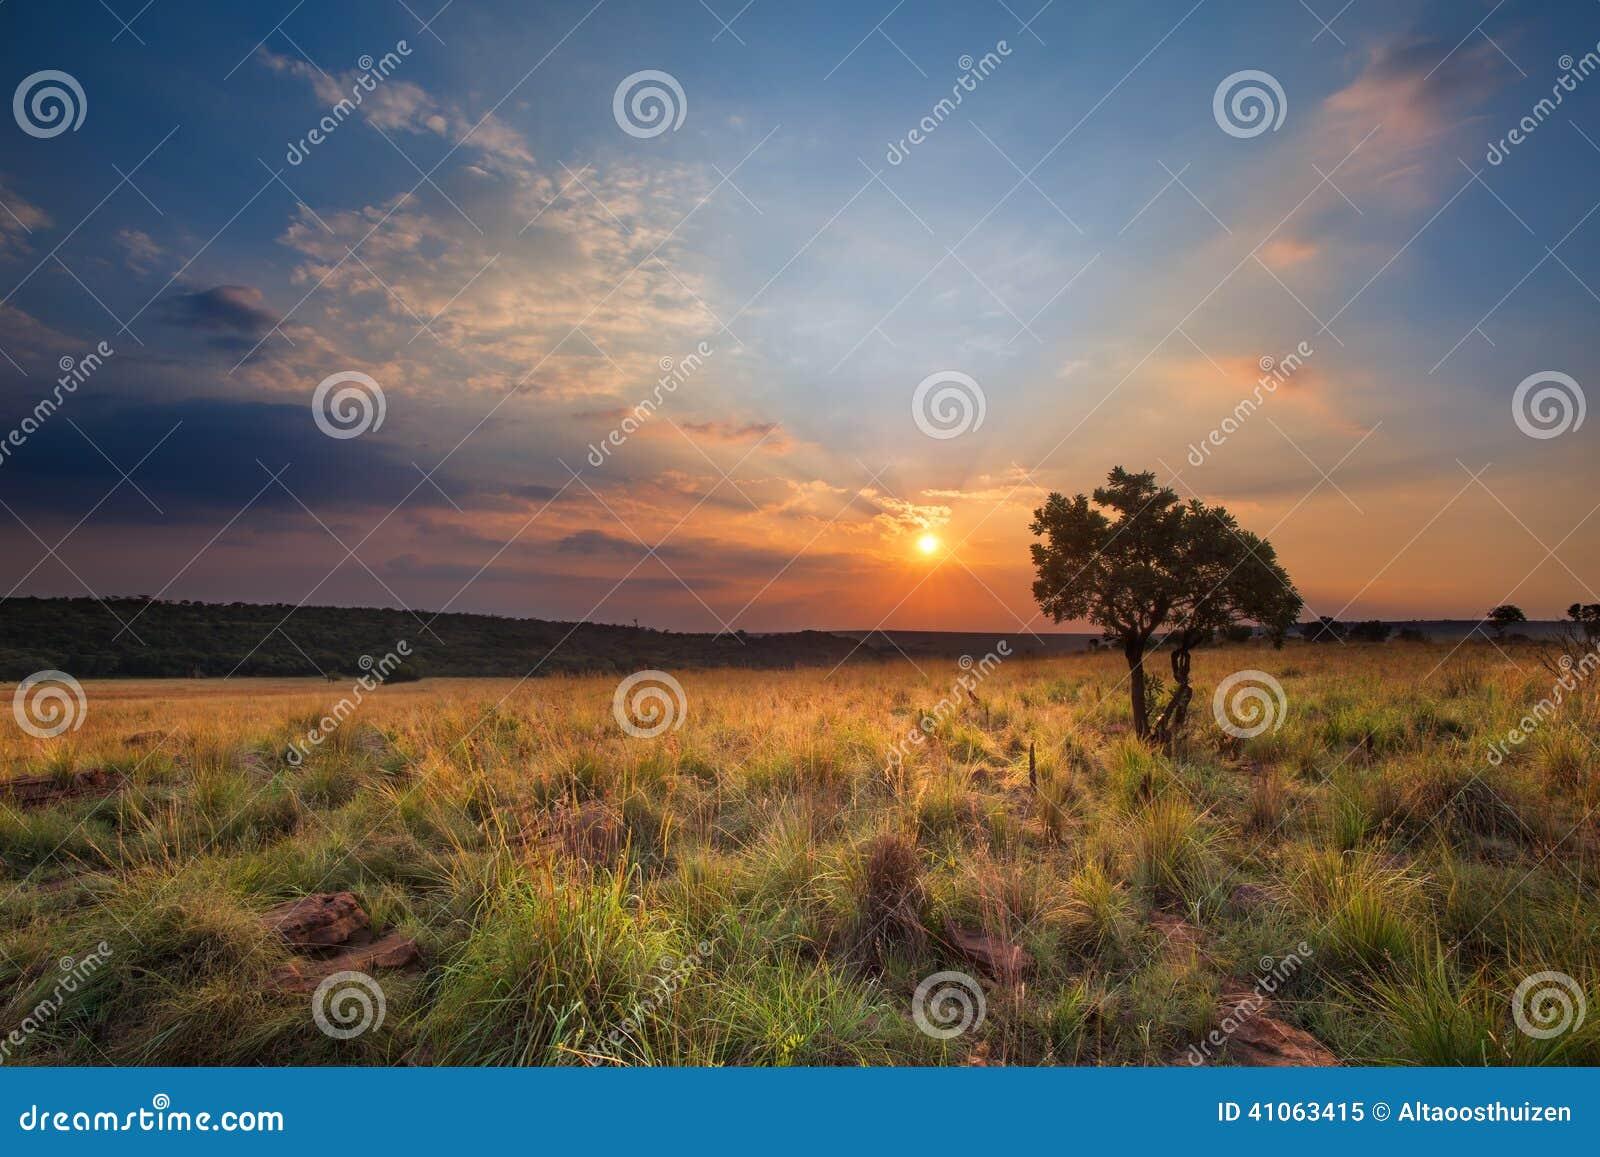 Tramonto magico in Africa con un albero solo su una collina e sui louds